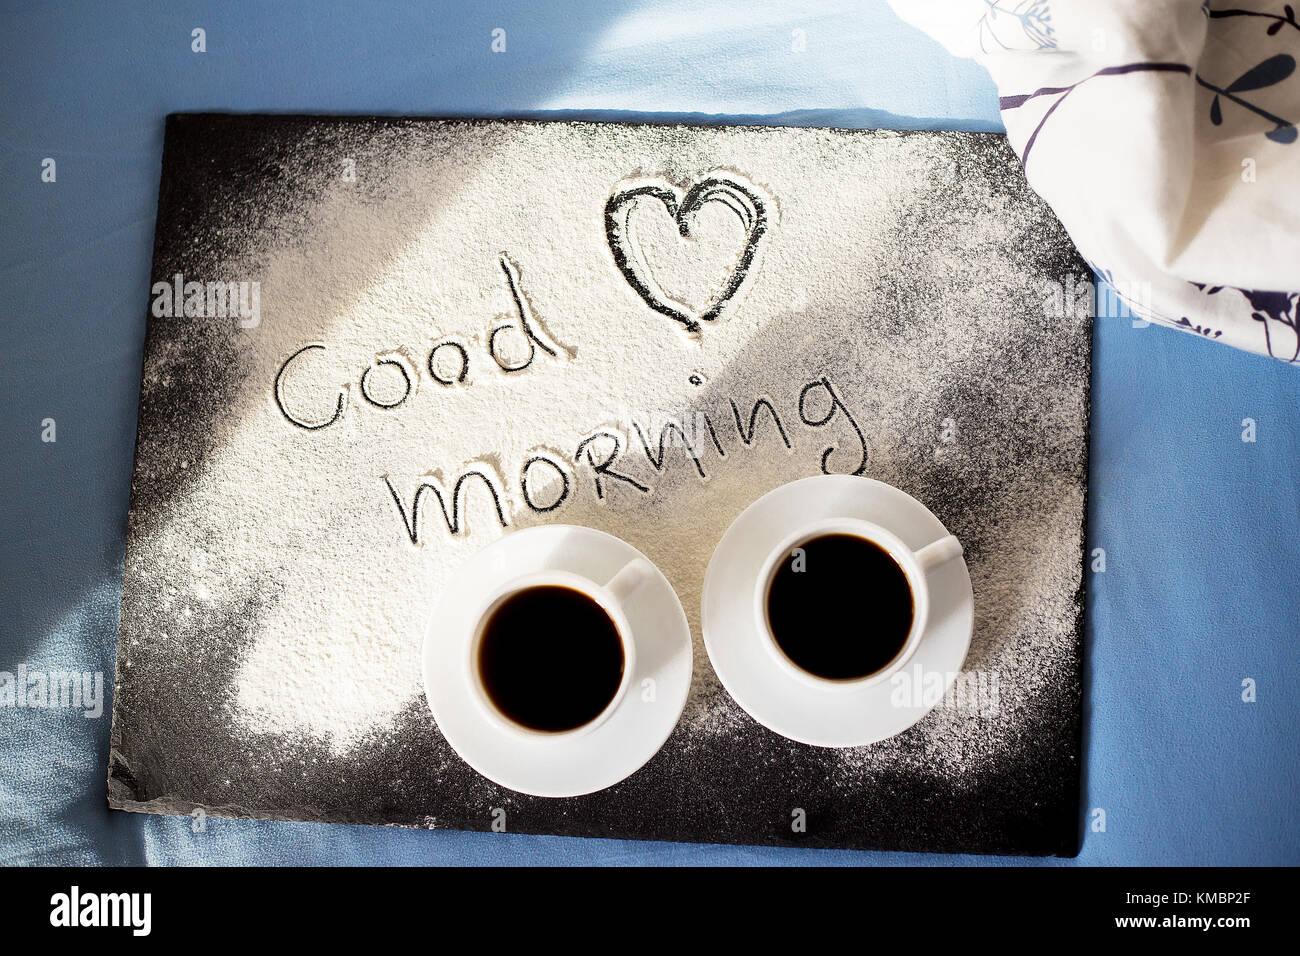 Guten Morgen Inschrift Mehl Auf Ein Brett Mit Tassen Kaffee Das